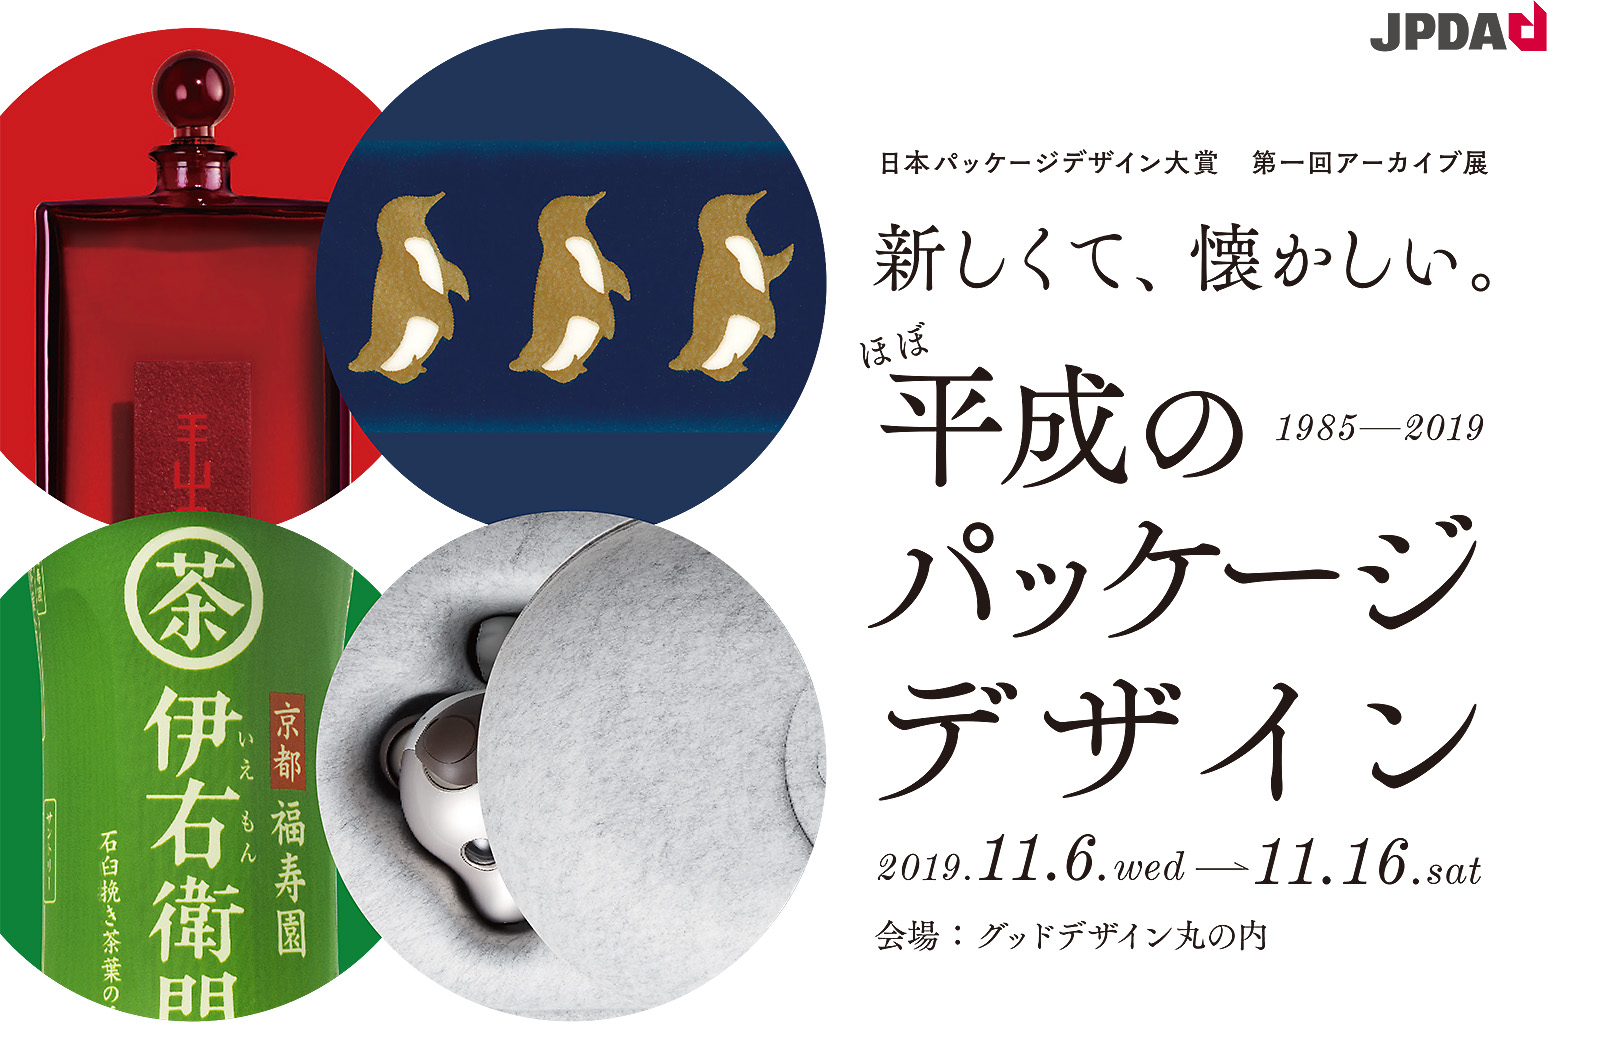 日本パッケージデザイン大賞 第1回アーカイブ展「新しくて、懐かしい。  ほぼ平成のパッケージデザイン1985-2019」のイメージ